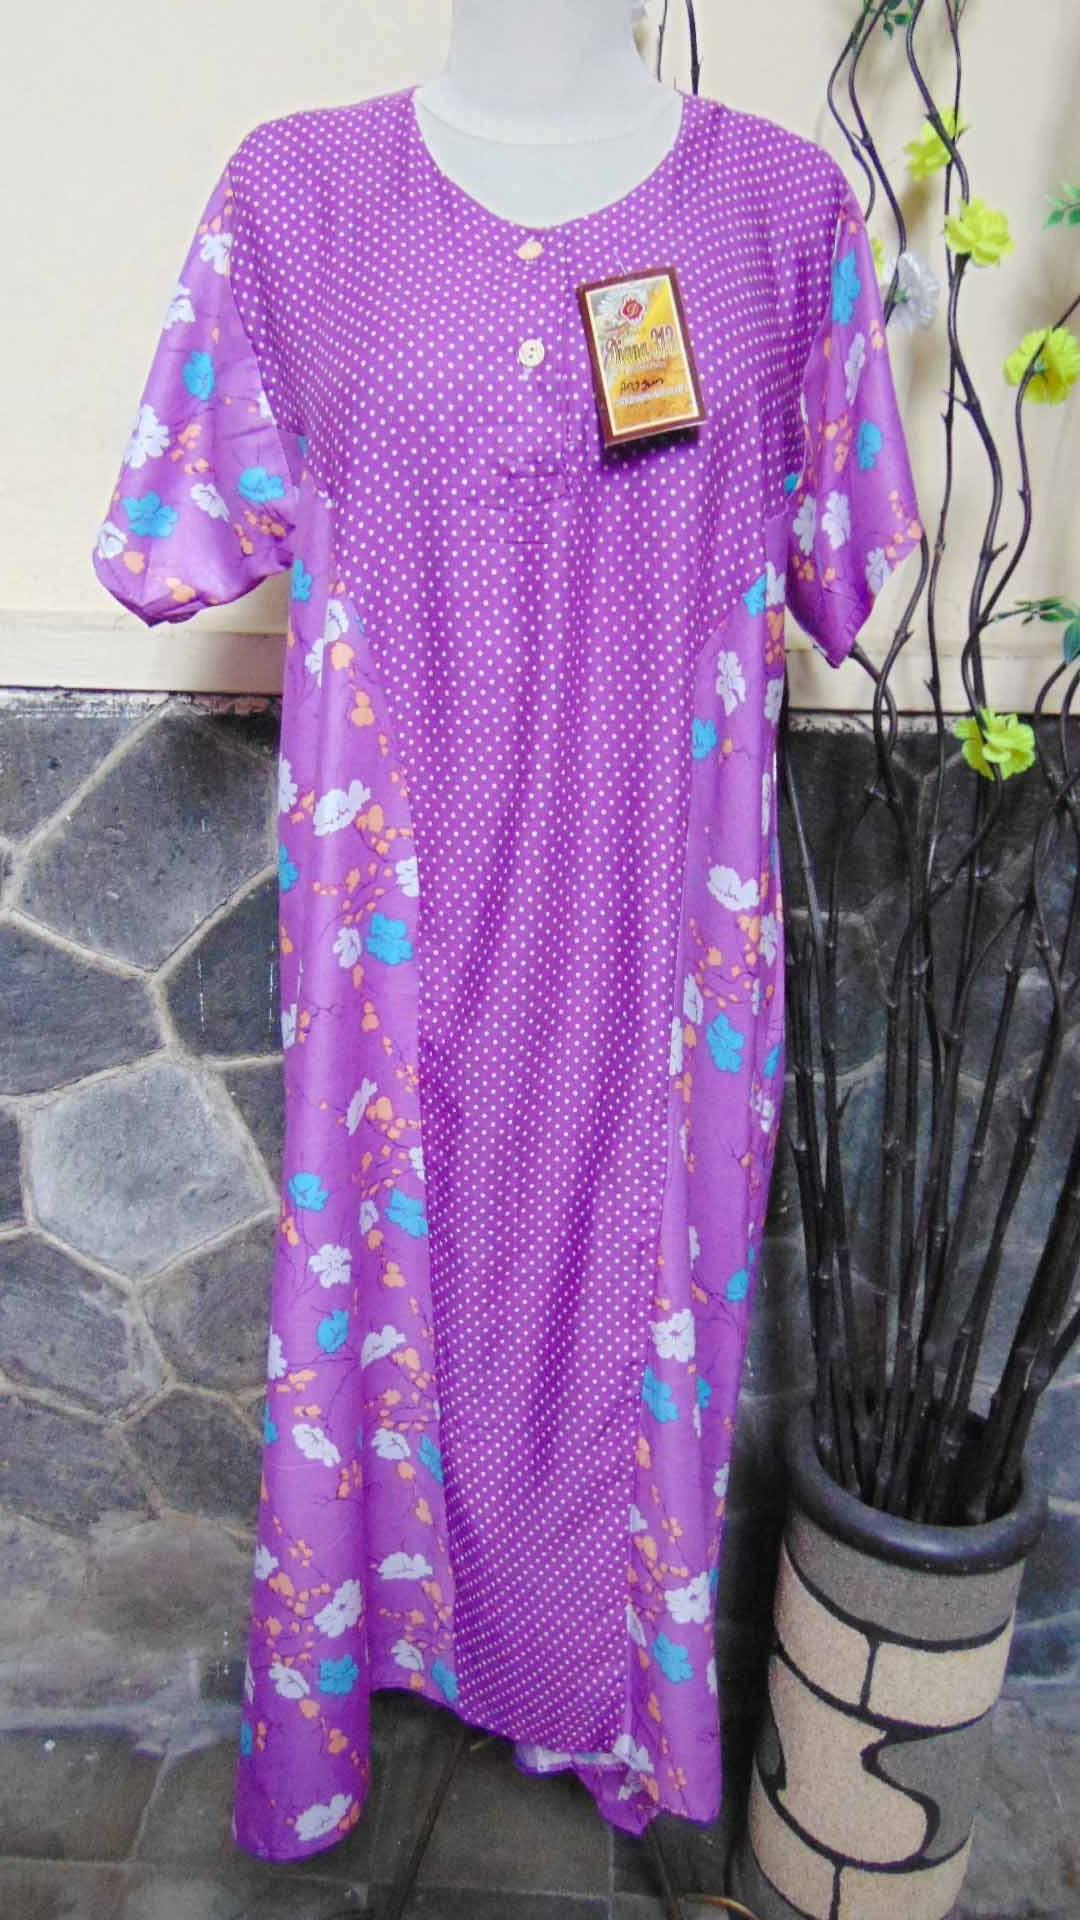 baju tidur santai batik daster wanita lengan pendek pias cantik daster diana motif polka bunga ANEKA WARNA (2)